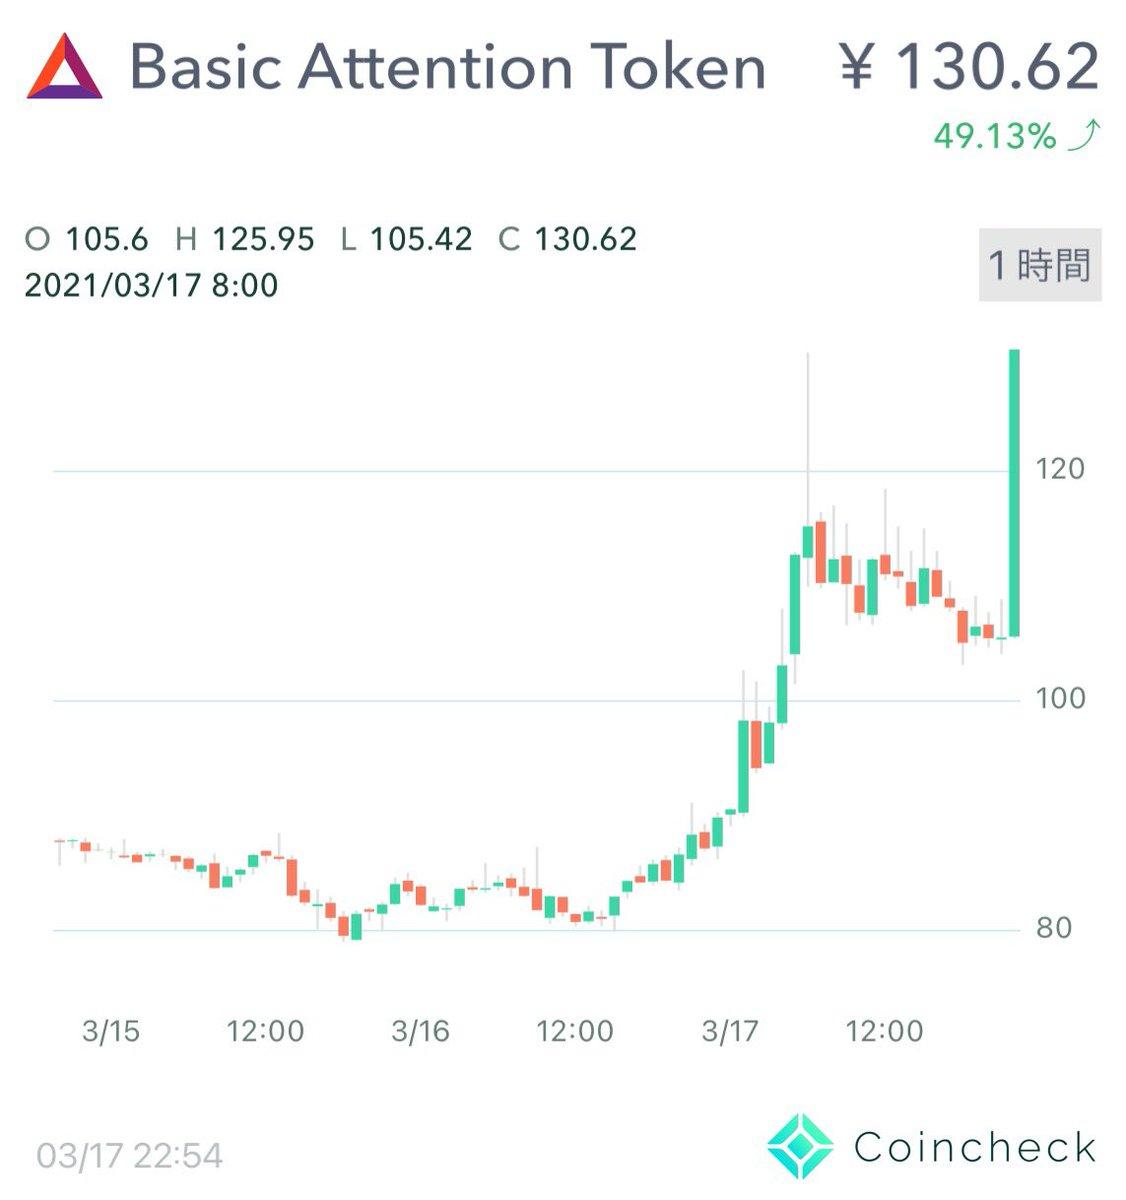 140円突破!BAT(Basic Attention Token)。ビットバンクへ上場。仮想通貨/暗号資産/ブラウザBrave関連 最新情報 2021年3月